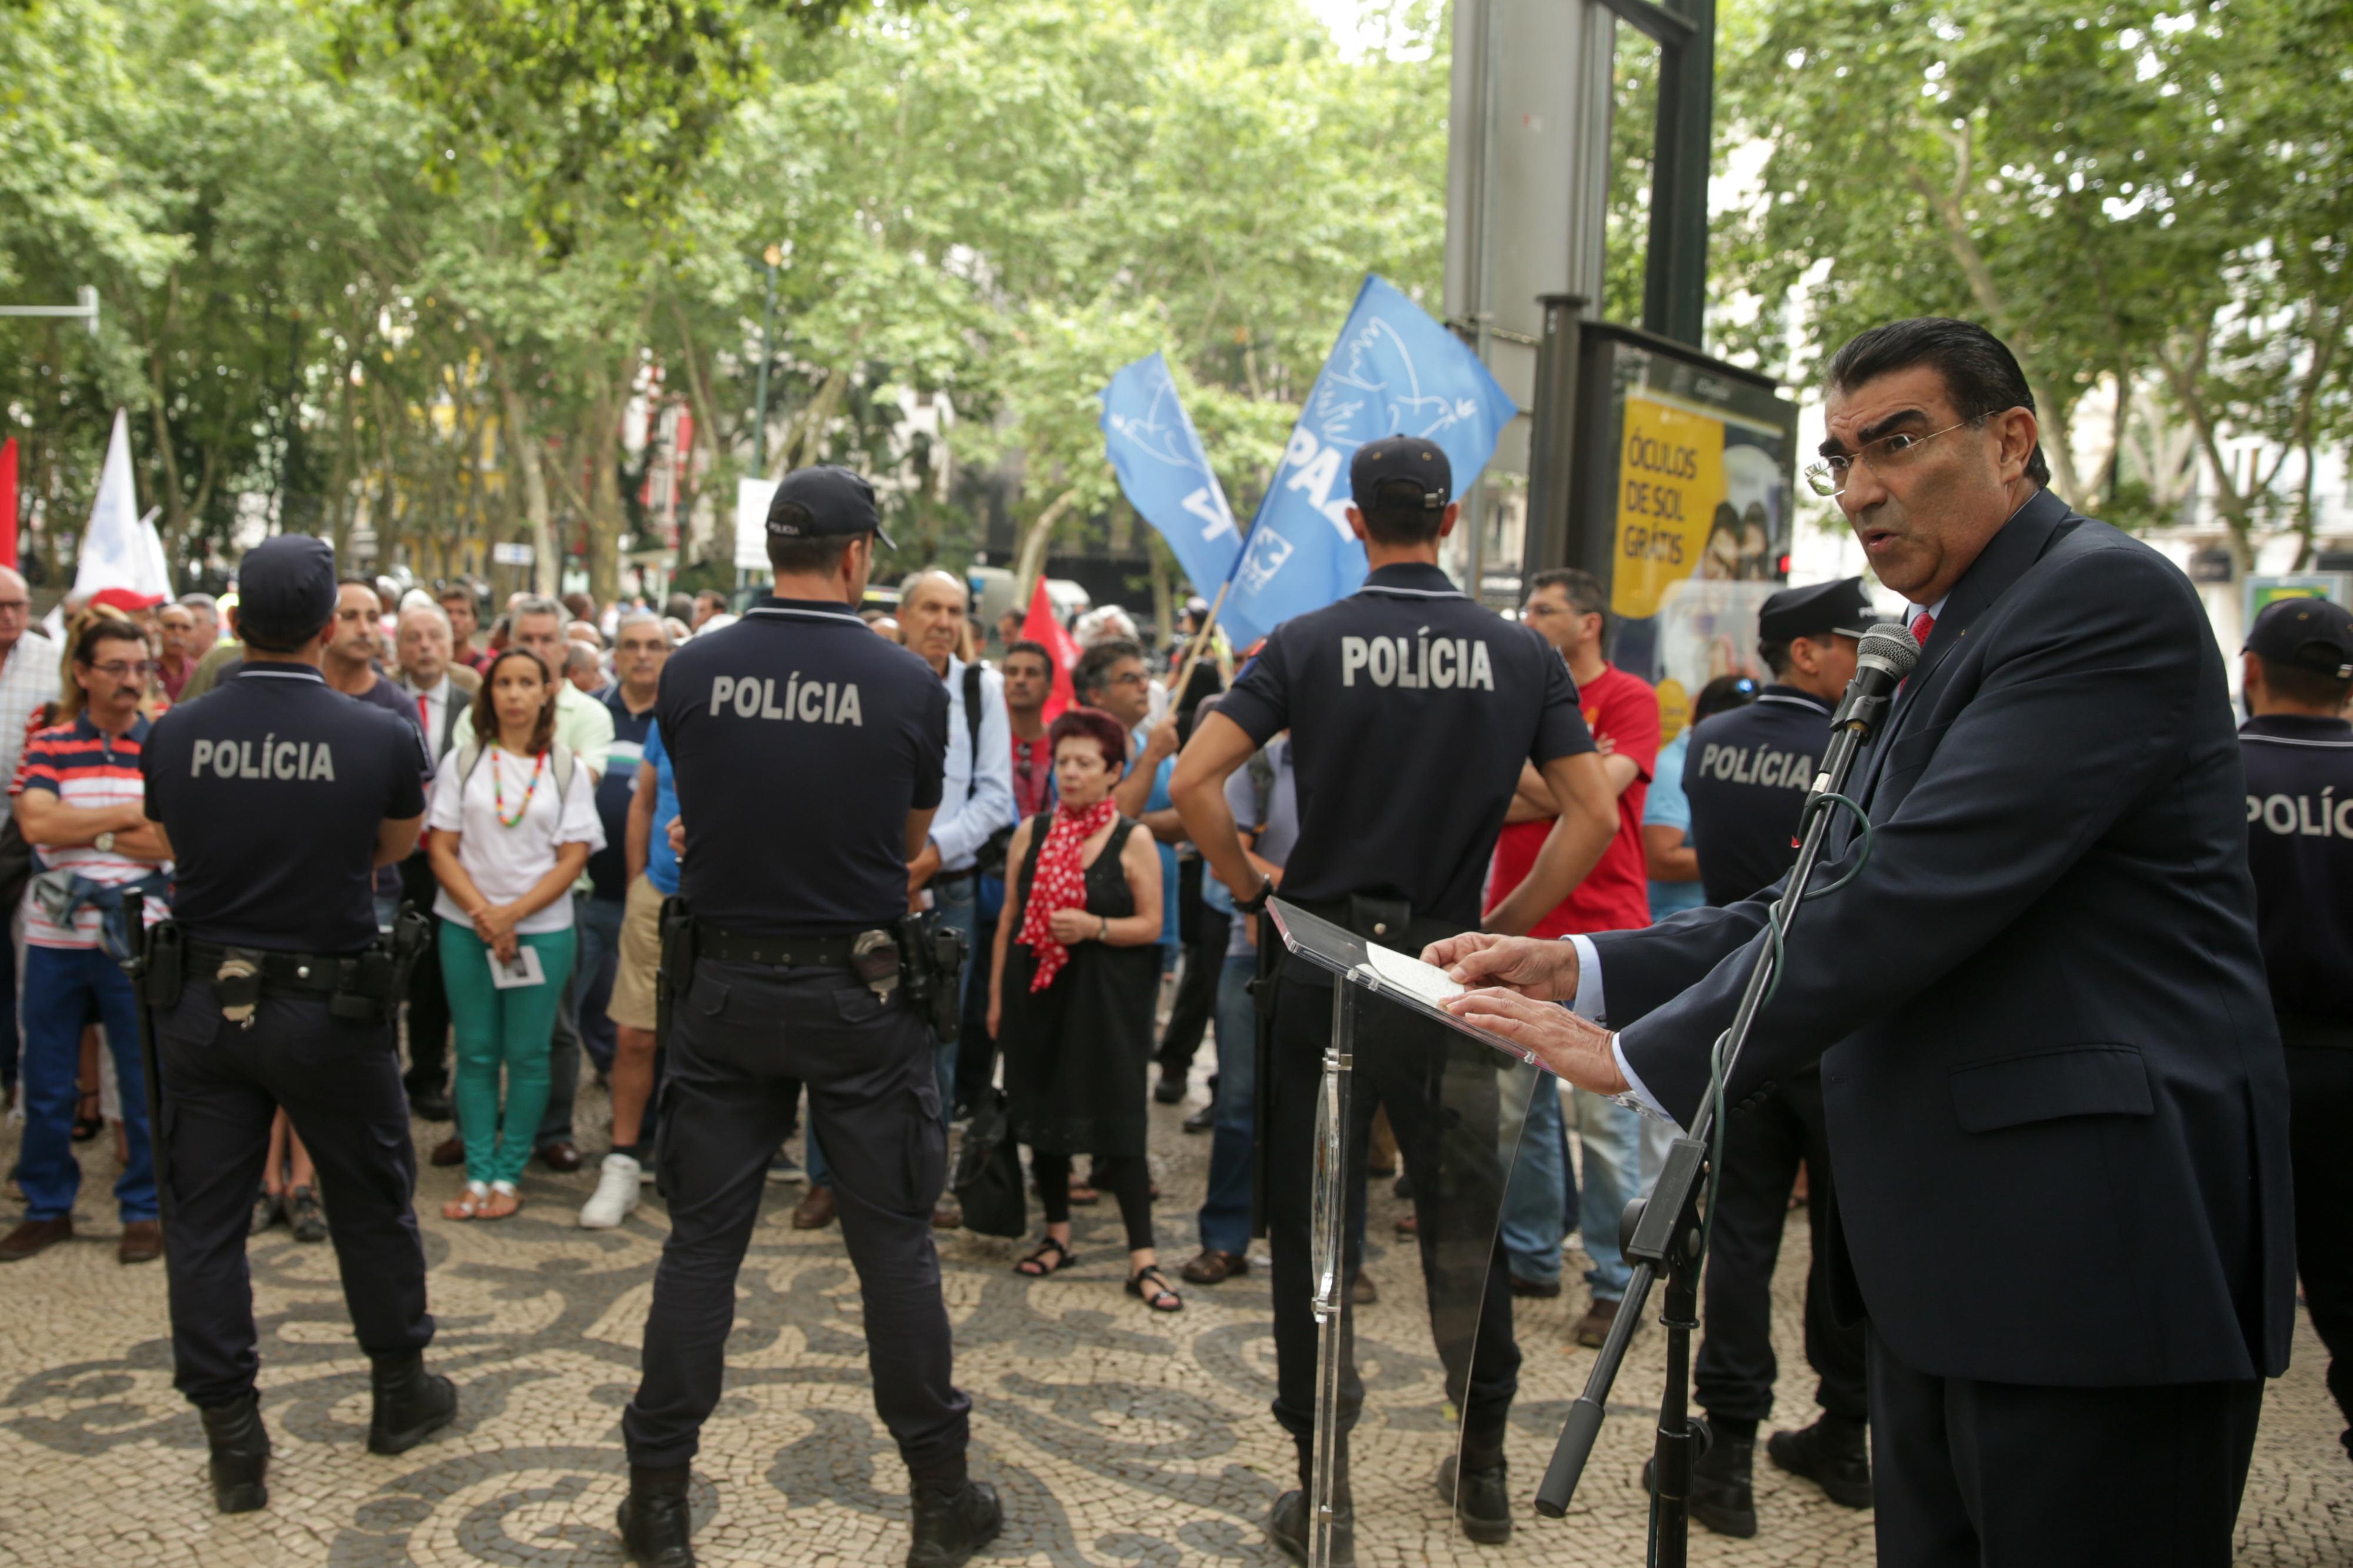 """Embaixador da Venezuela em Portugal diz que """"Guaidó não é nenhum presidente"""""""